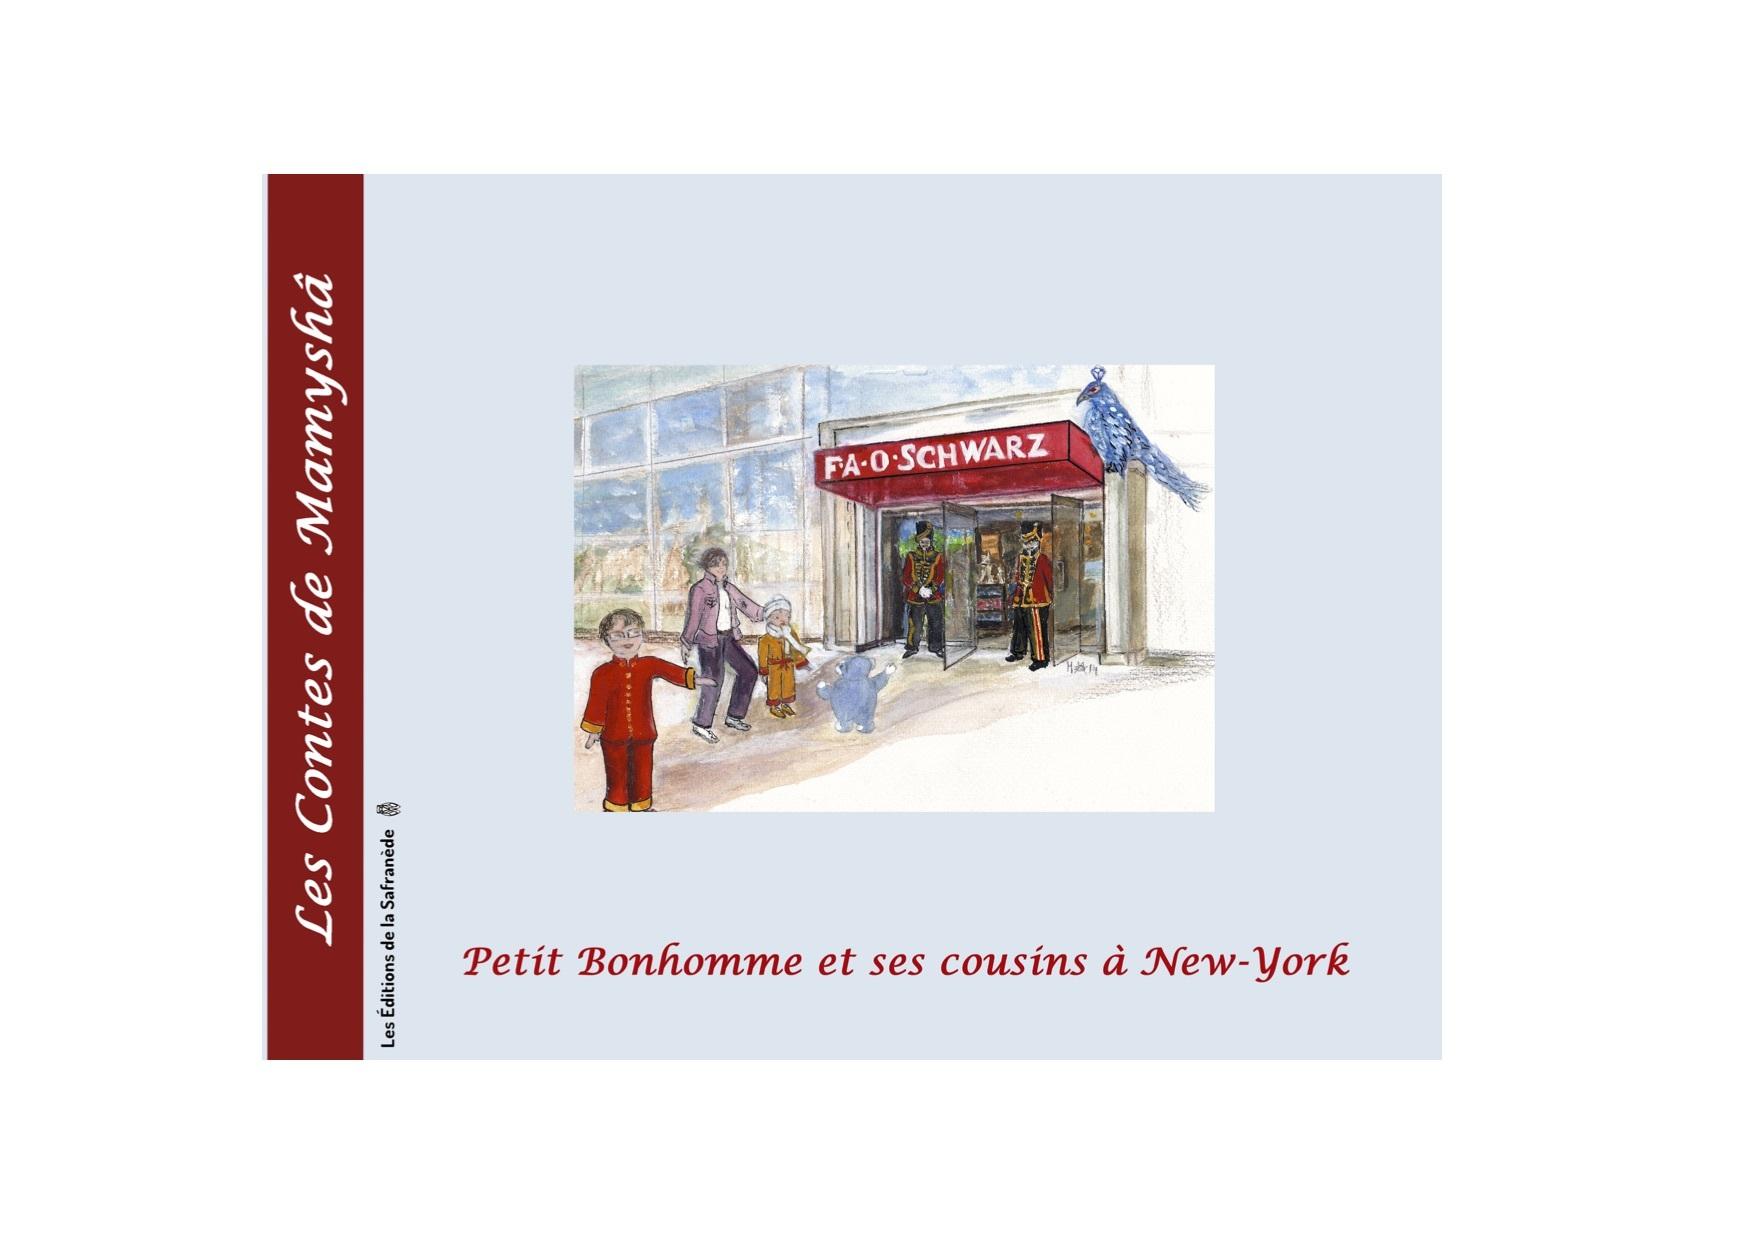 PETIT BONHOMME ET SES COUSINS A NEW-YORK